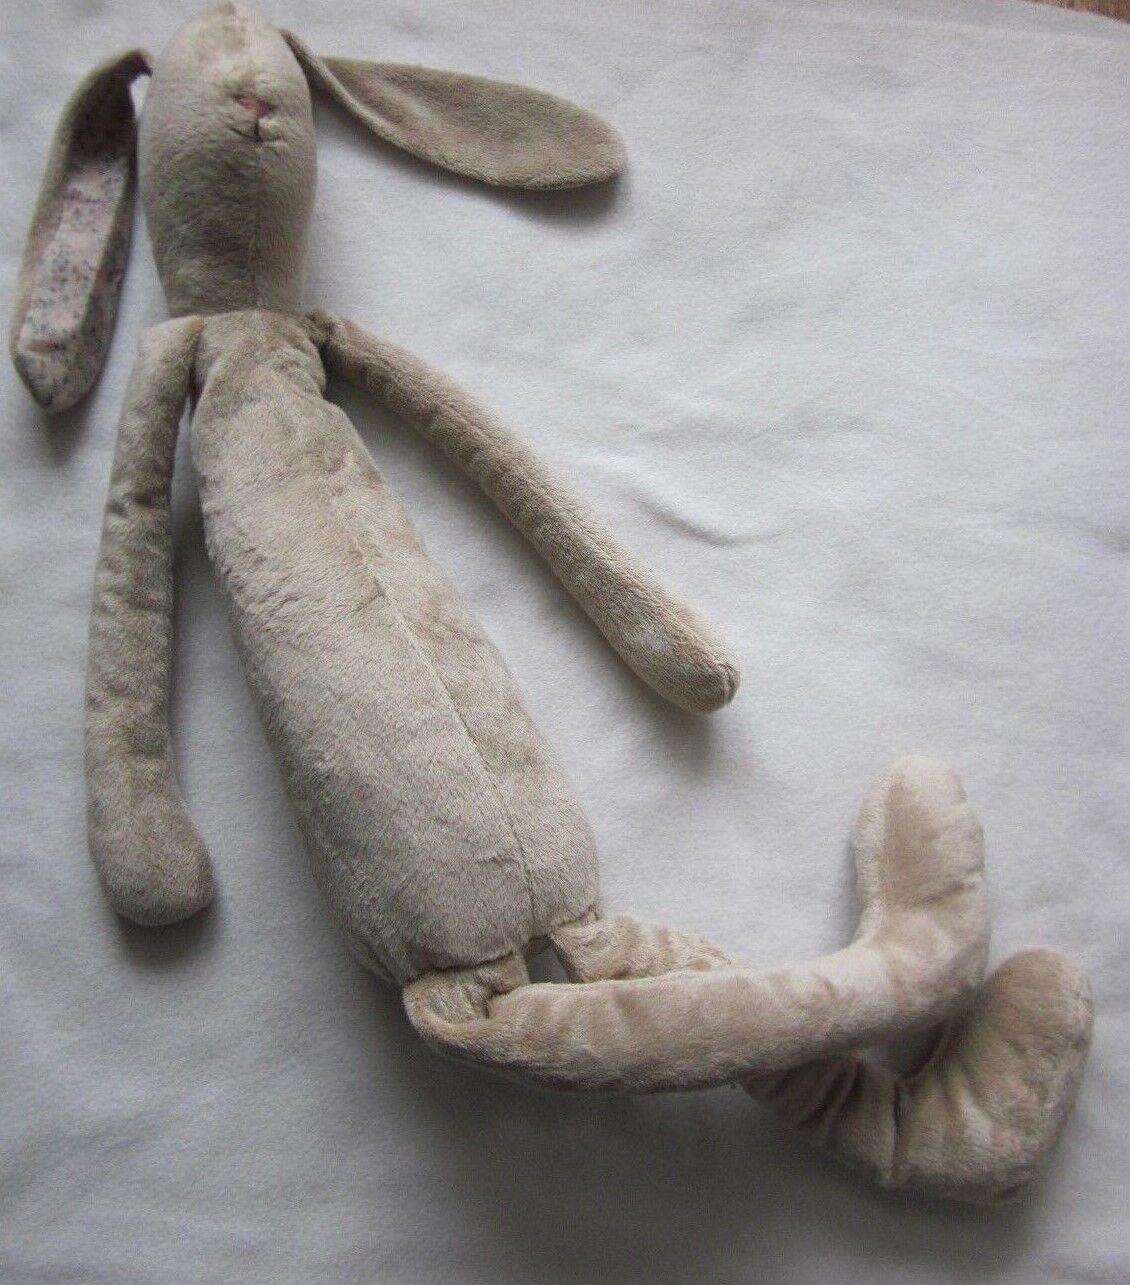 Maileg Soft Bunny marrone Mega 16-6993-05 Coniglio marrone poliestere 70 cm